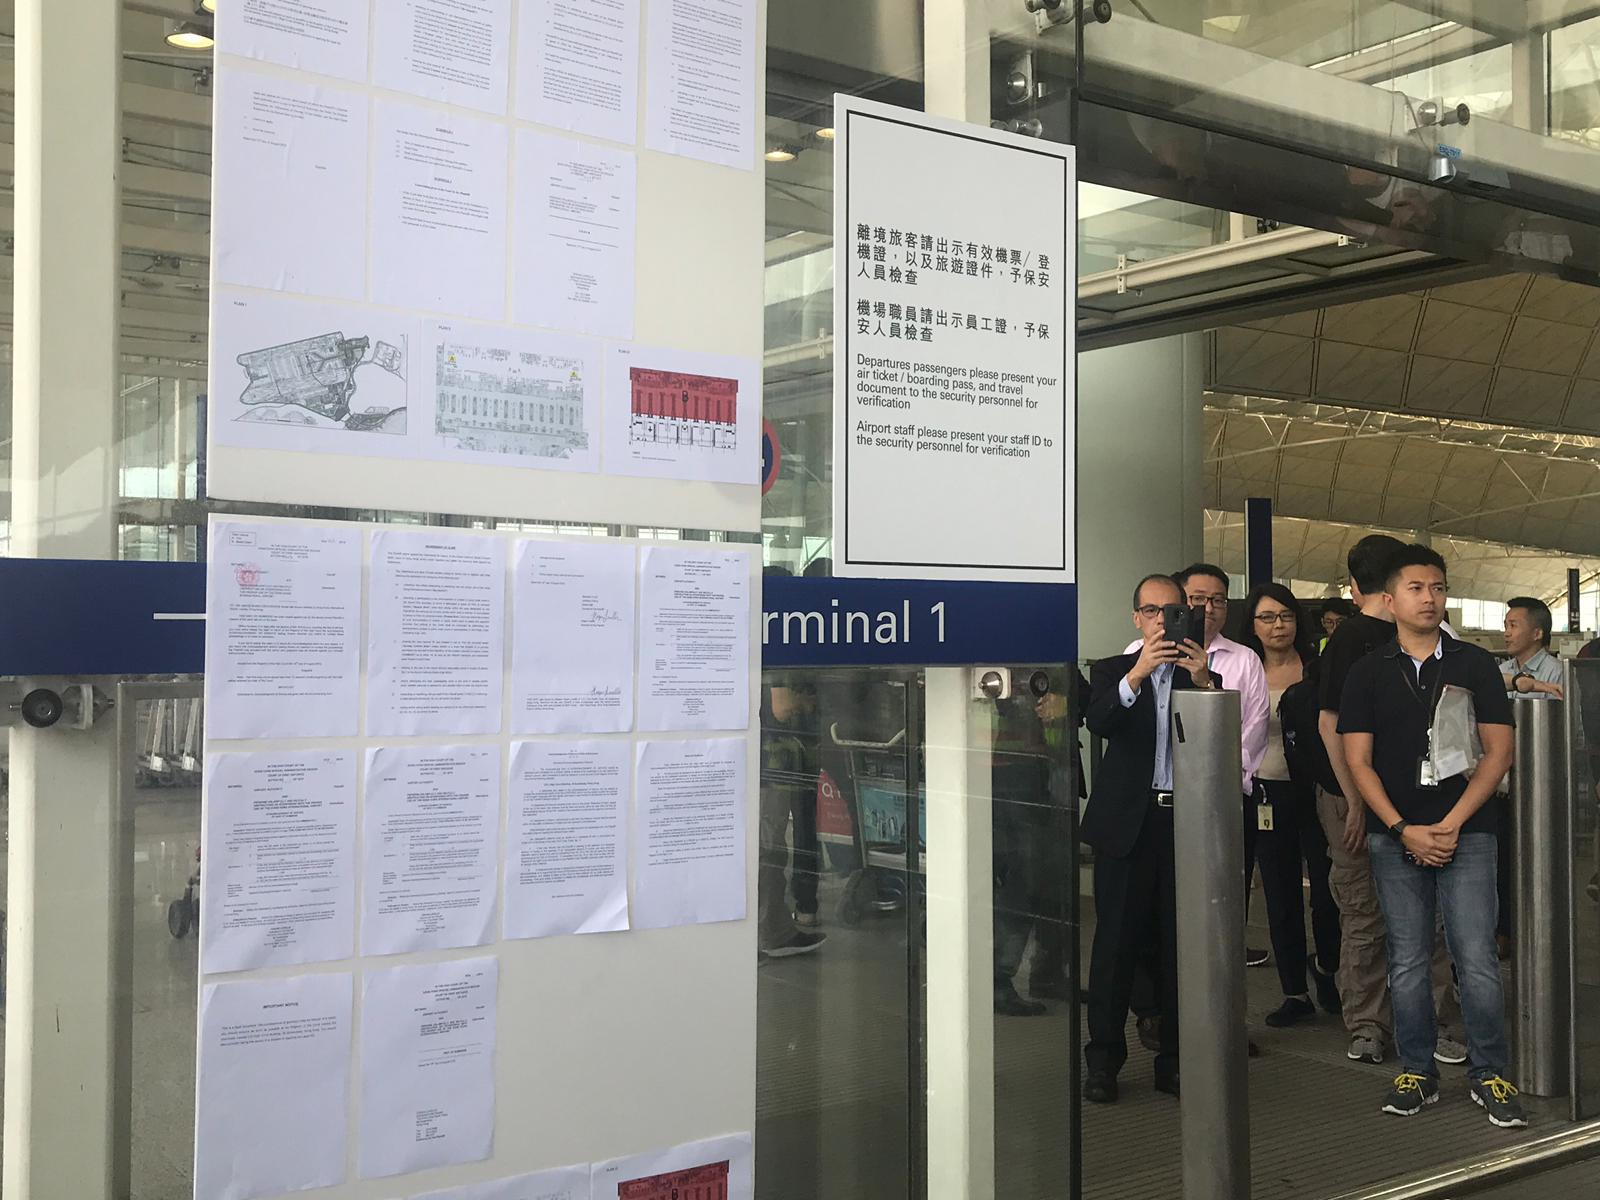 機管局取得法庭臨時禁制令,禁止任何人在機場指定範圍內示威集會,直至下周五。 資料圖片